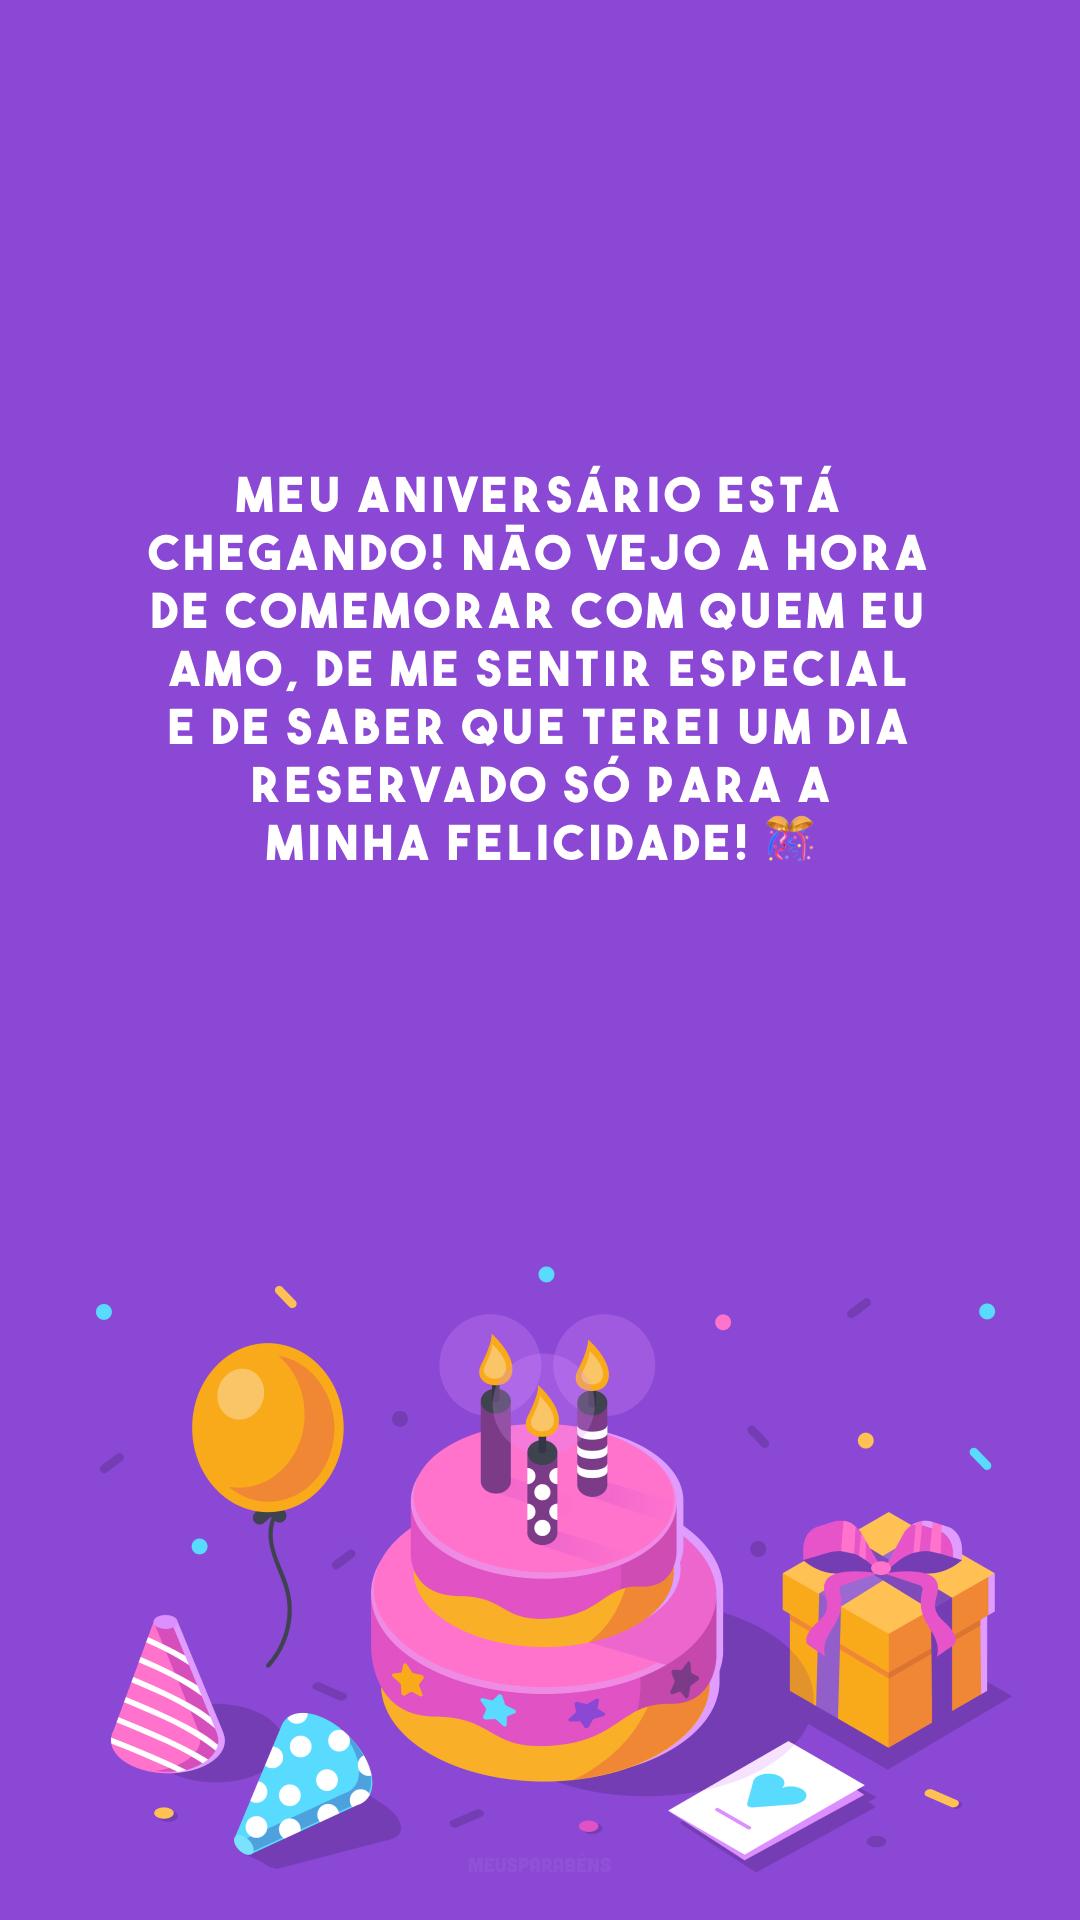 Meu aniversário está chegando! Não vejo a hora de comemorar com quem eu amo, de me sentir especial e de saber que terei um dia reservado só para a minha felicidade! 🎊